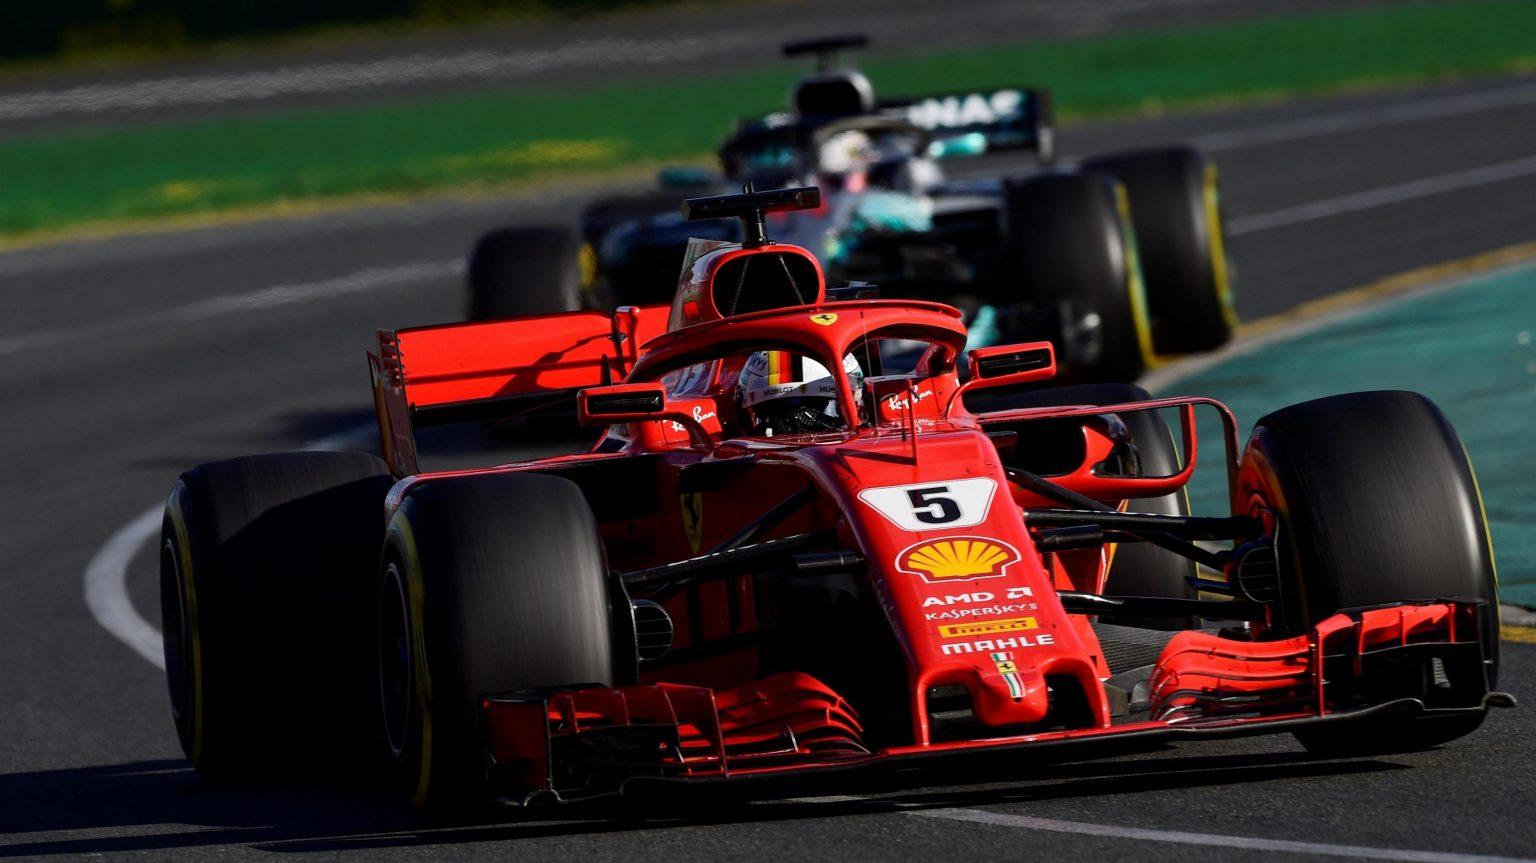 Photo of F1 2018 Avustralya GP: Sezonun perdesini Vettel açtı!